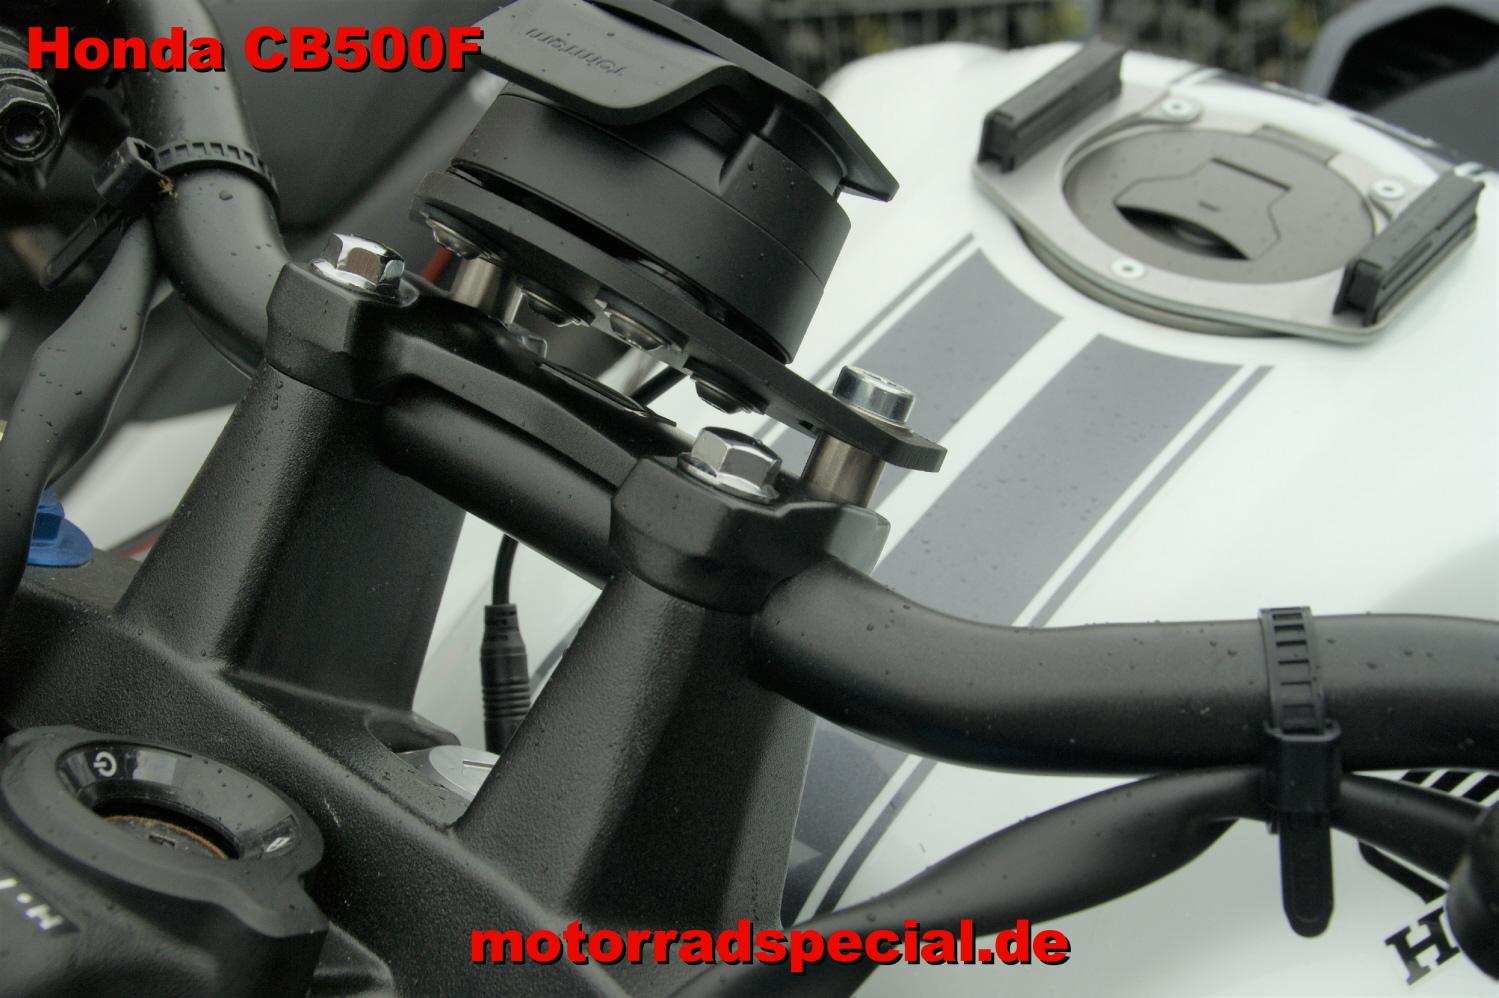 Honda_CB500F_Navigationshalter_Navihalter_TomTom_400_410_5